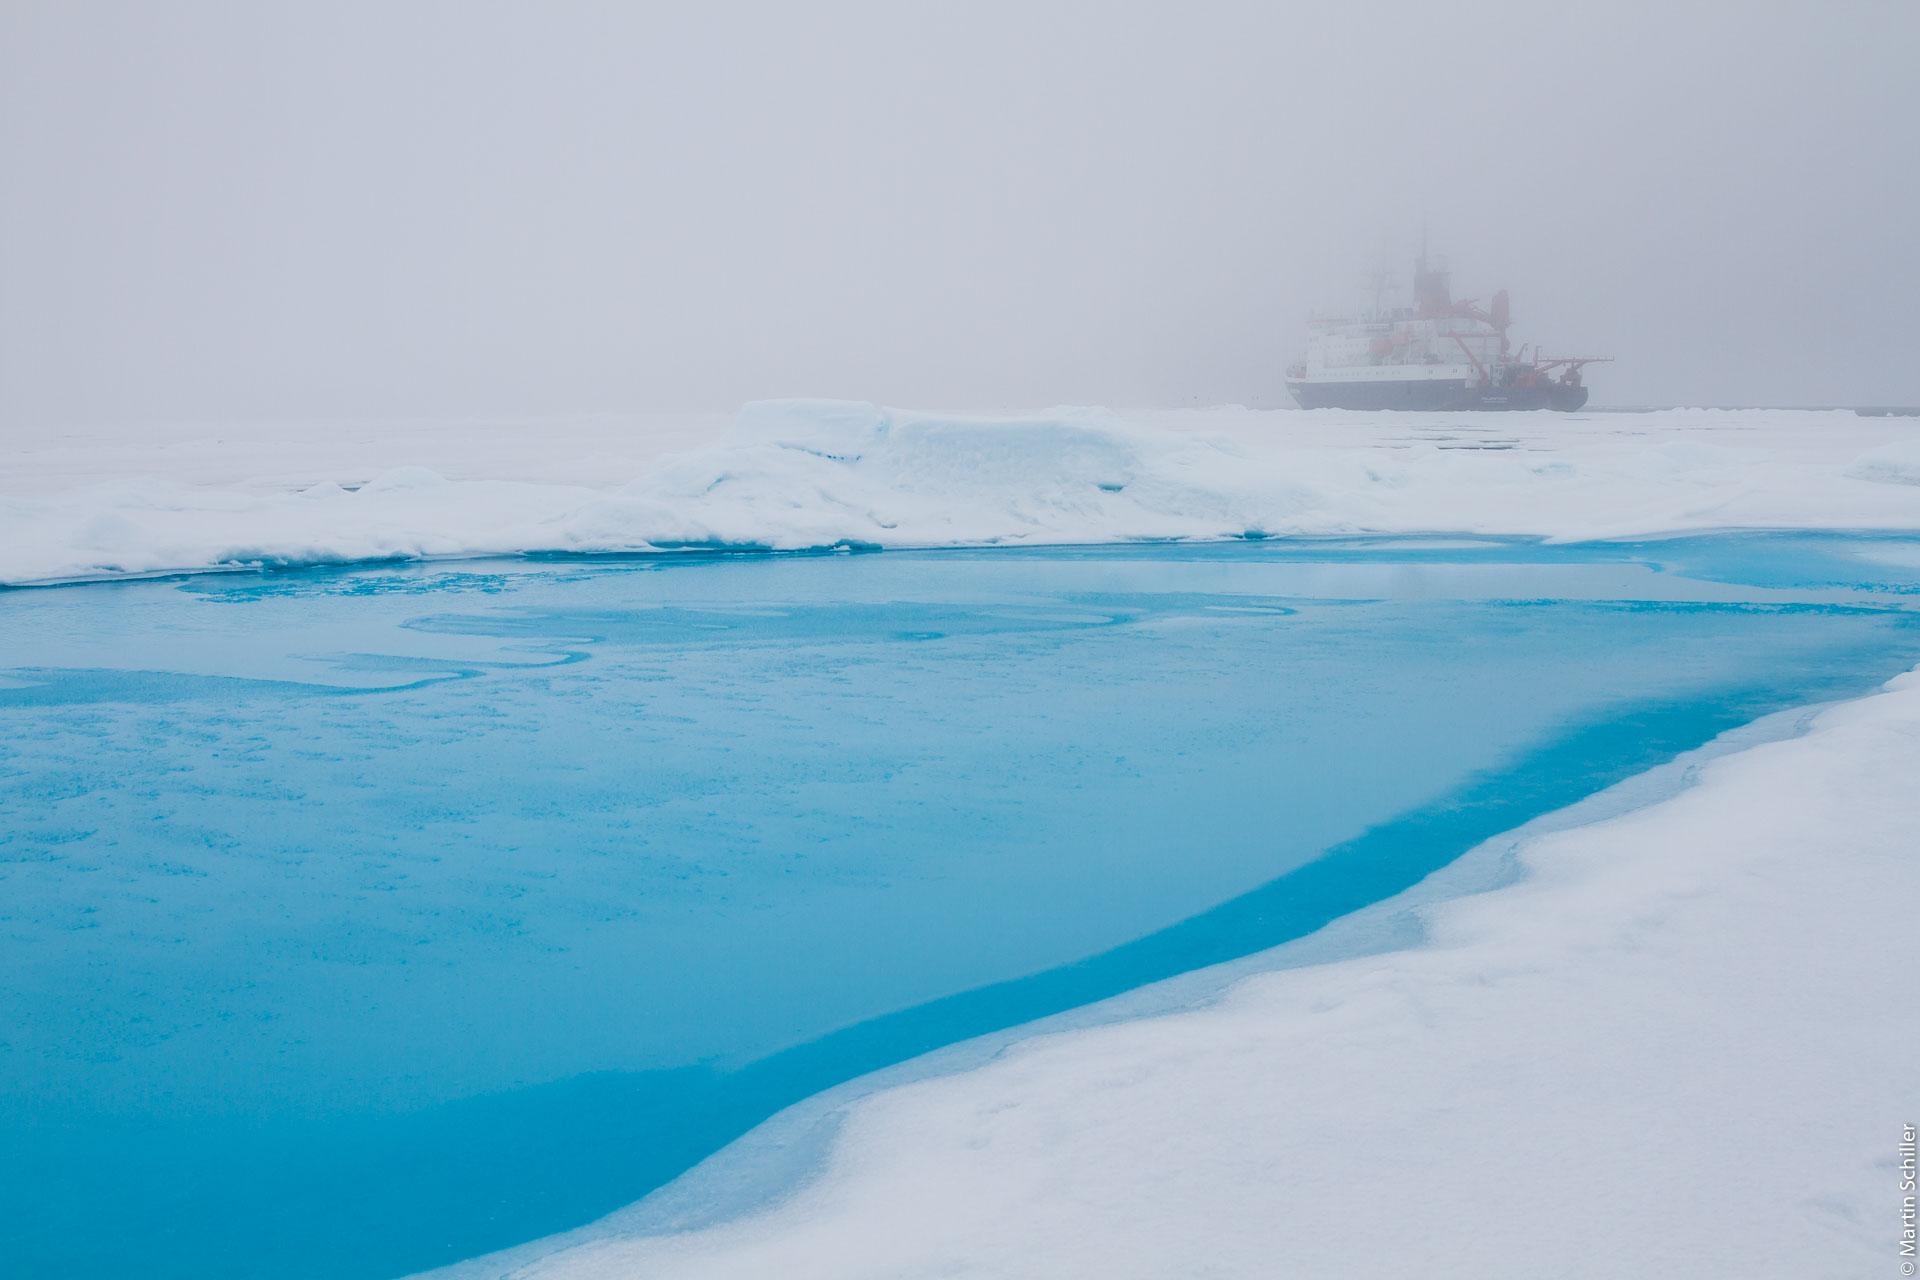 Haben sich die Klimaextreme verändert? (FAQ 2.2)